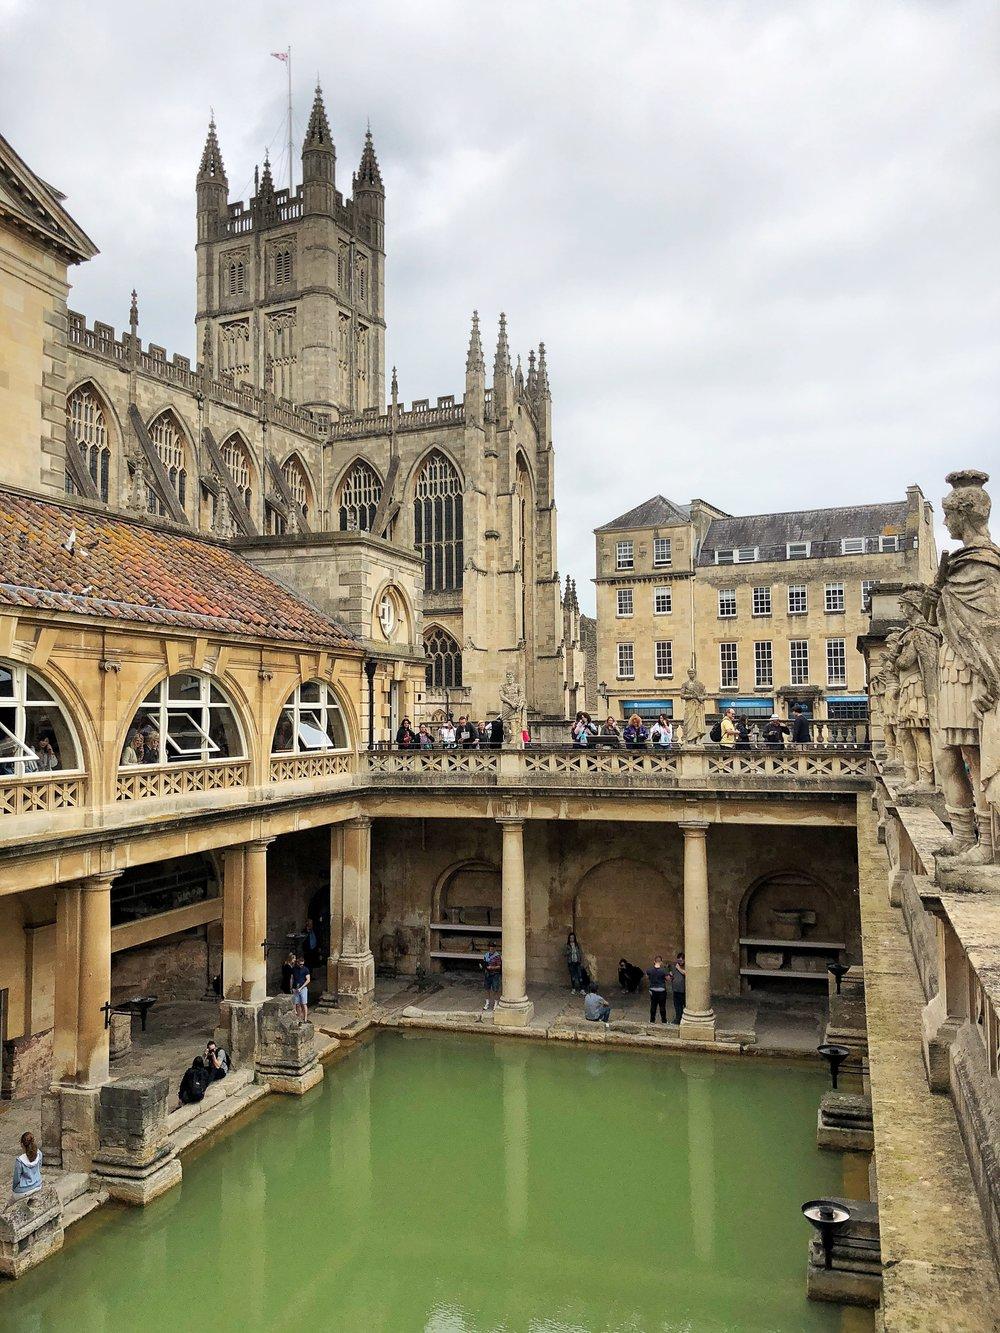 the royal bath in bath england.jpg